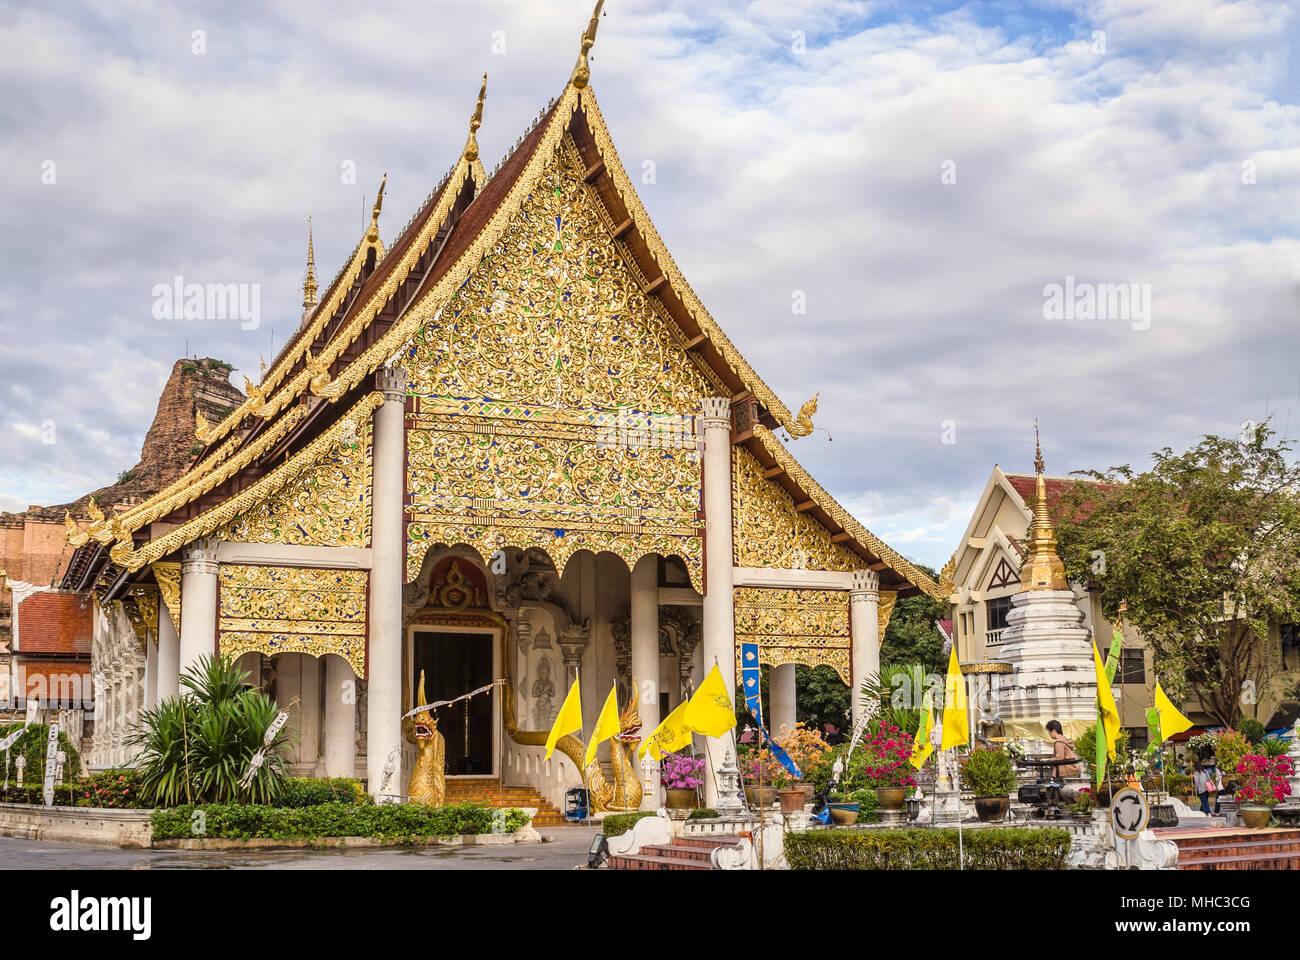 Wat Chedi Luang, Chiang Mai, Northern Thailand | Wat Chedi Luang, Chiang  Mai, Nordthailand - Stock Image